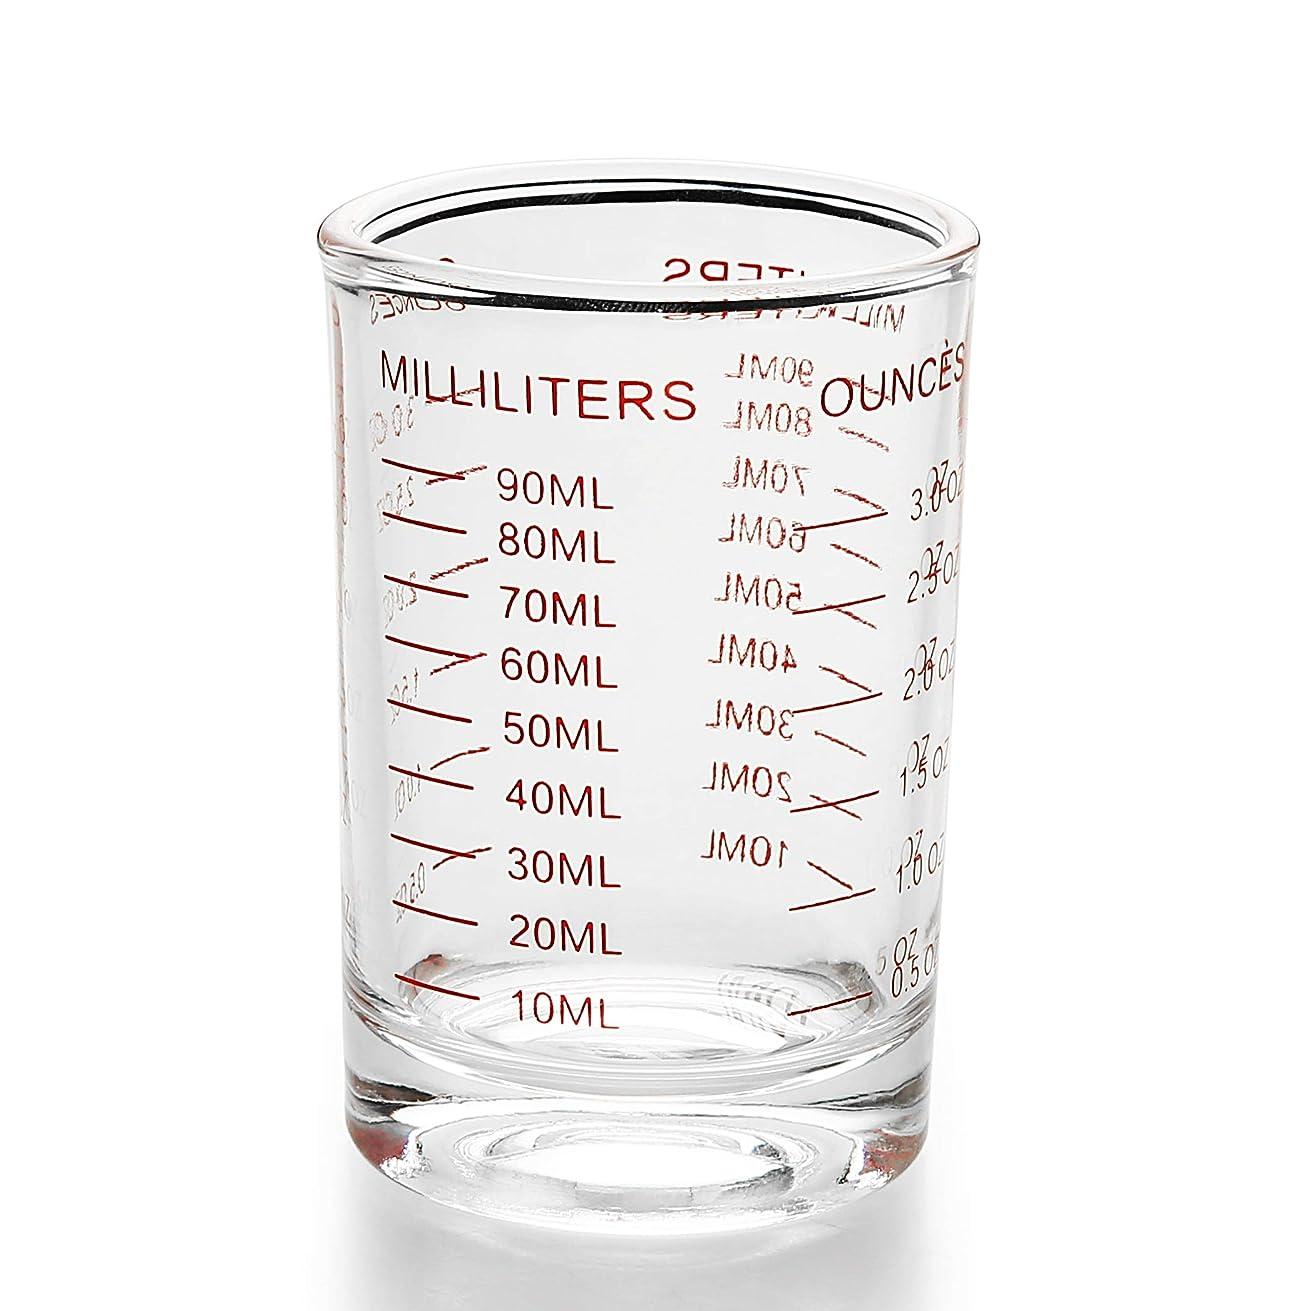 厄介なショート両方ショットグラス エスプレッソ 3oz/90ml 計量カップ 目盛り付き 厚み強化 耐熱ガラス製 お酒グラス ワイングラス エスプレッソマシン ショットグラスの測定カップショットグラス (1)